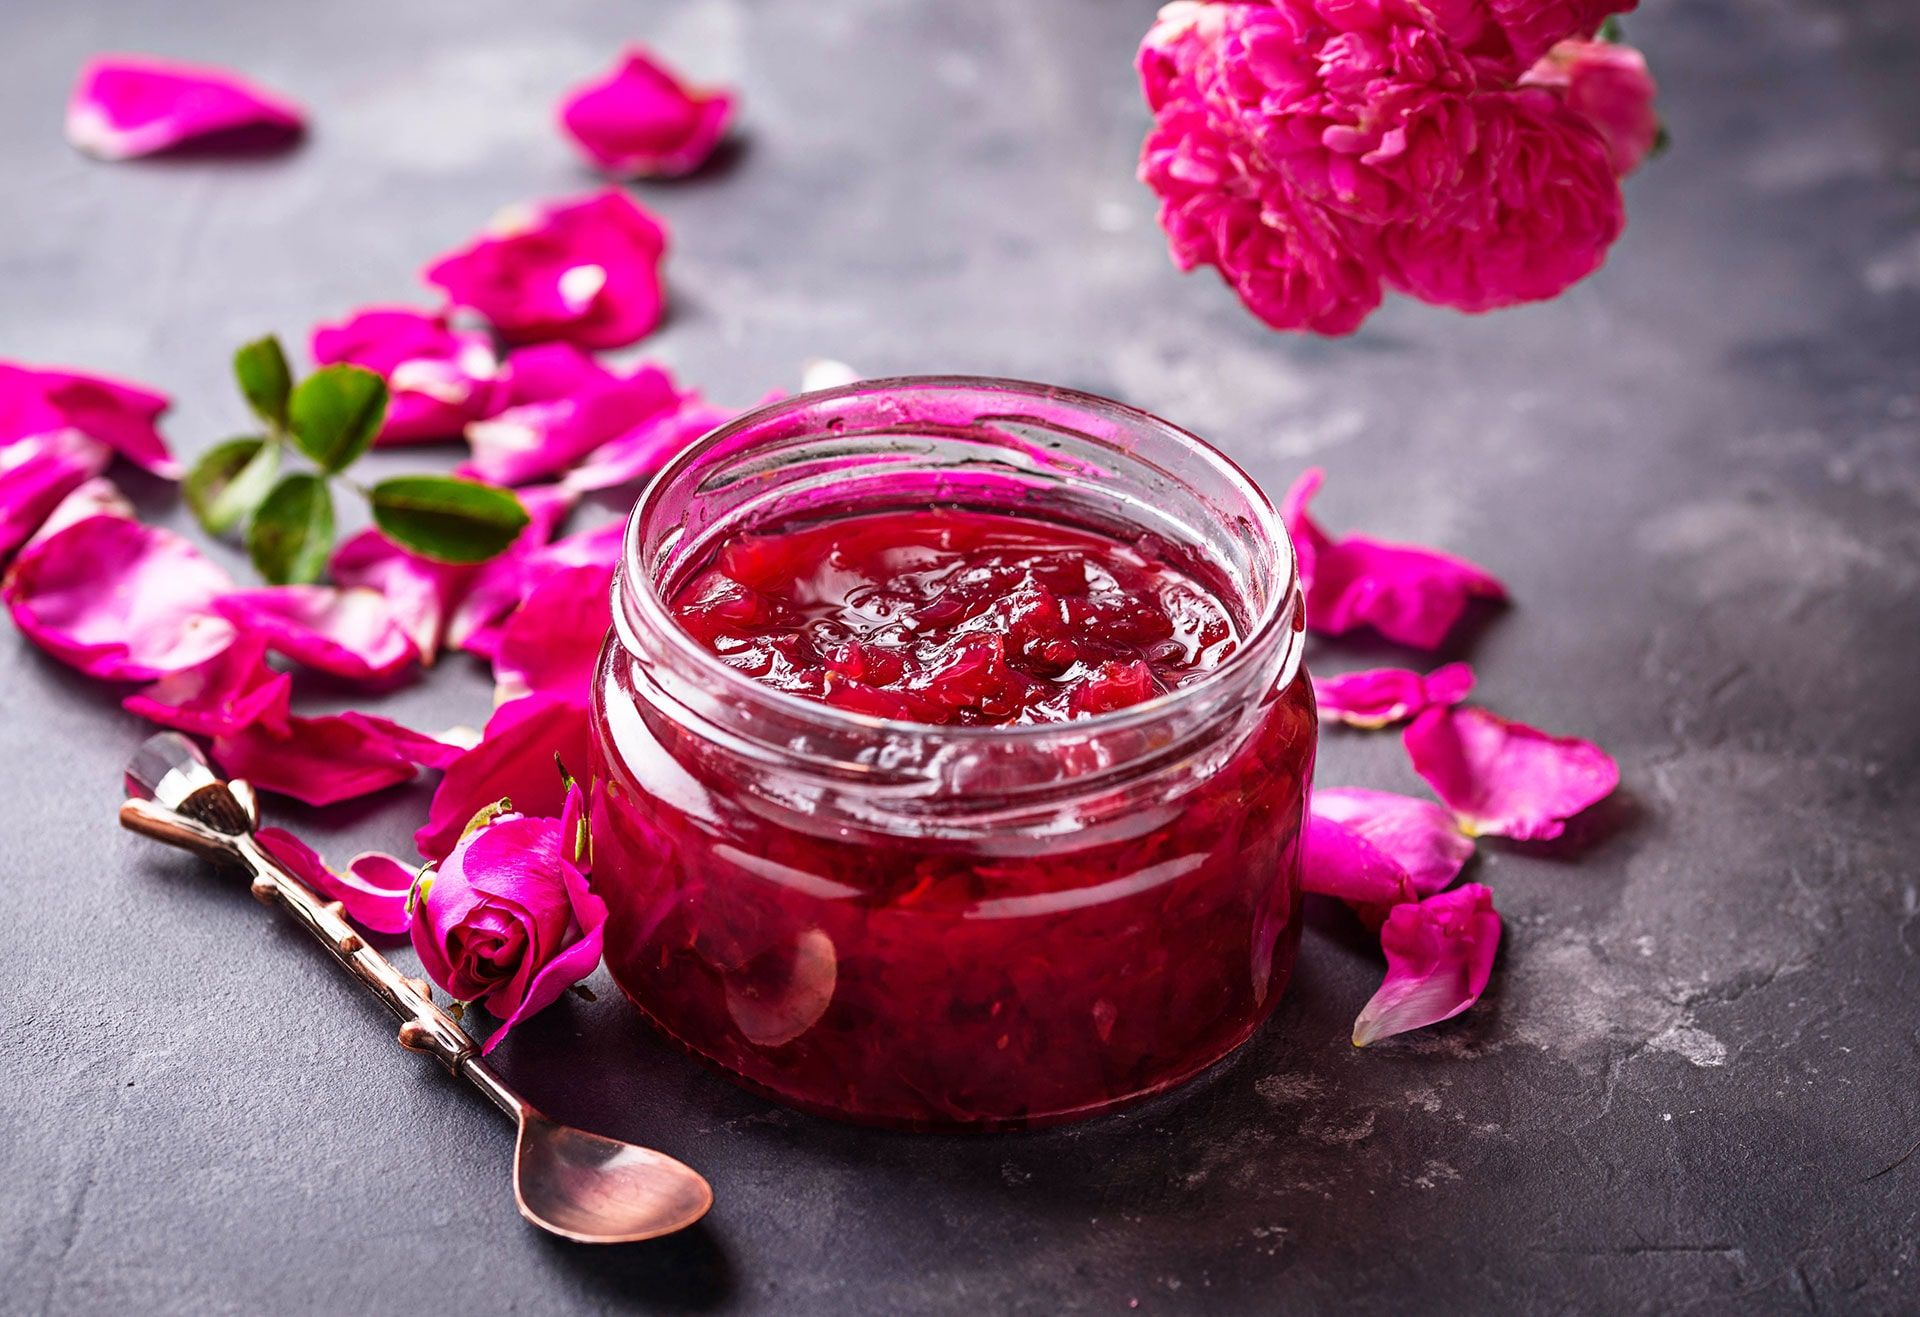 Domowa konfitura z róży - przepis z cukrem żelującym